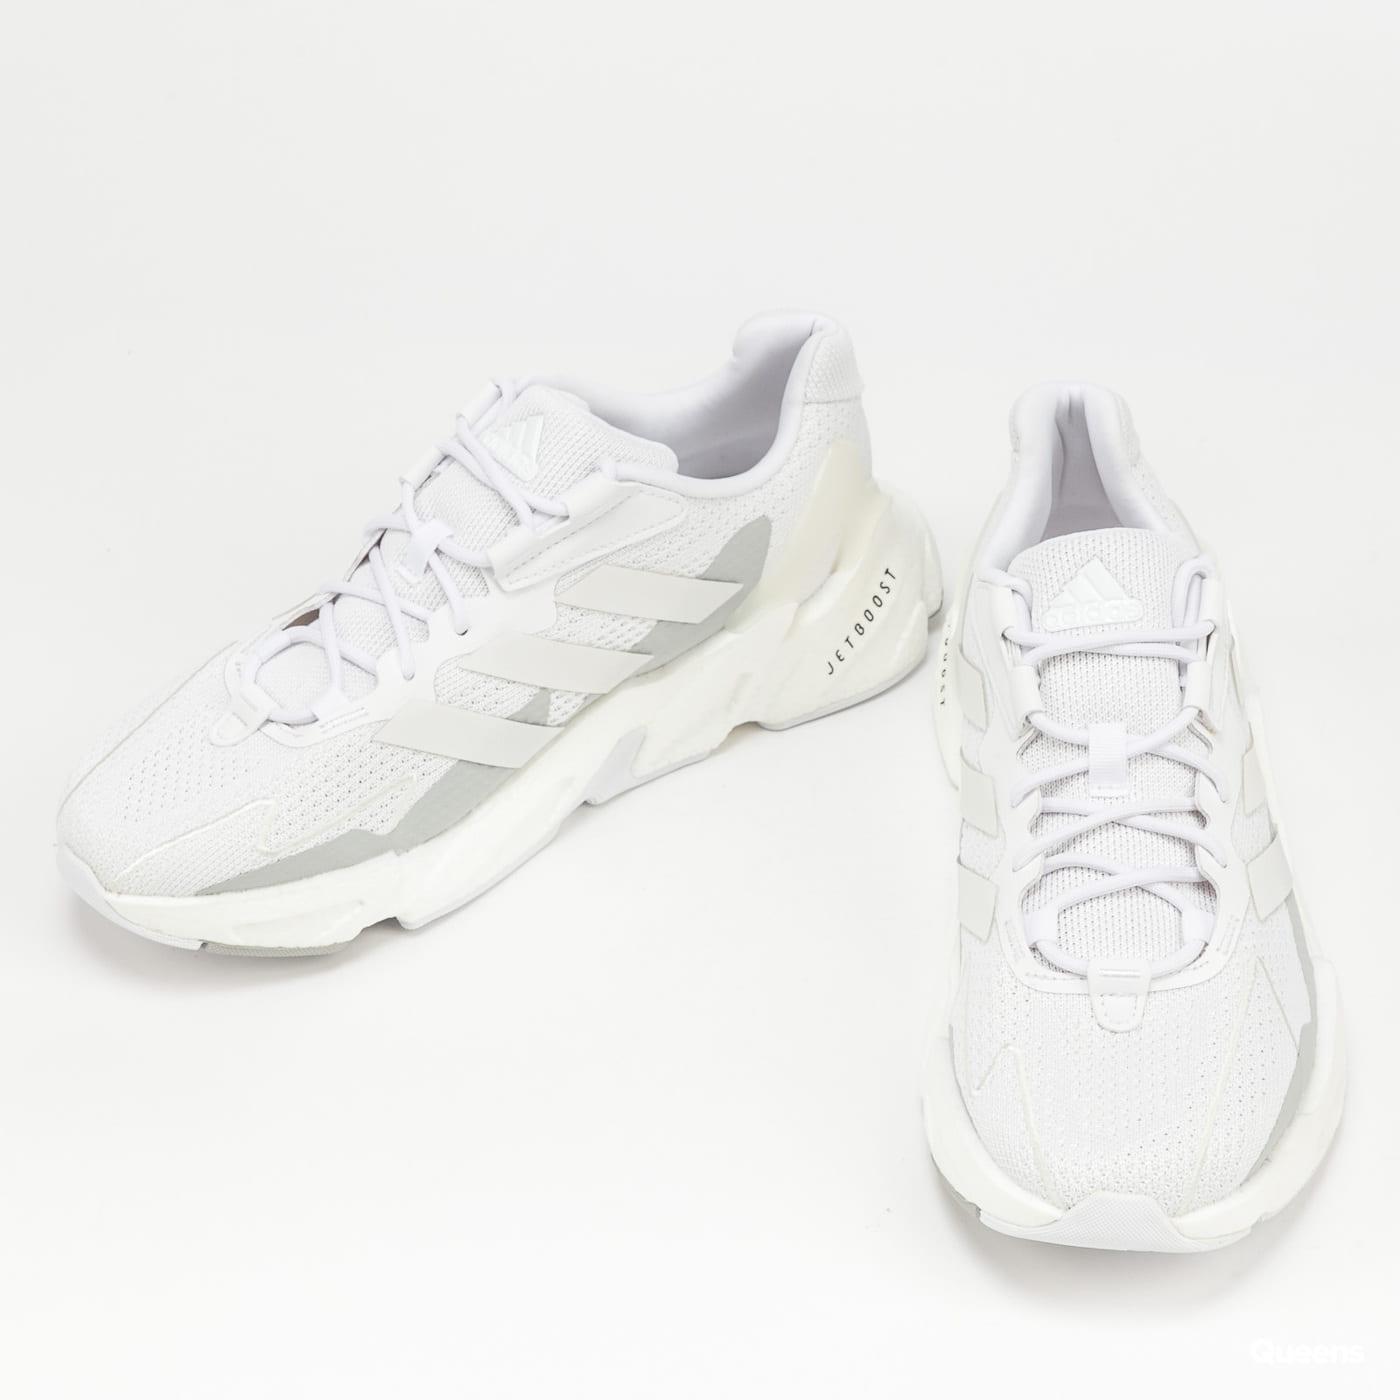 adidas Originals X9000L4 M ftwwht / ftwwht / ftwwht